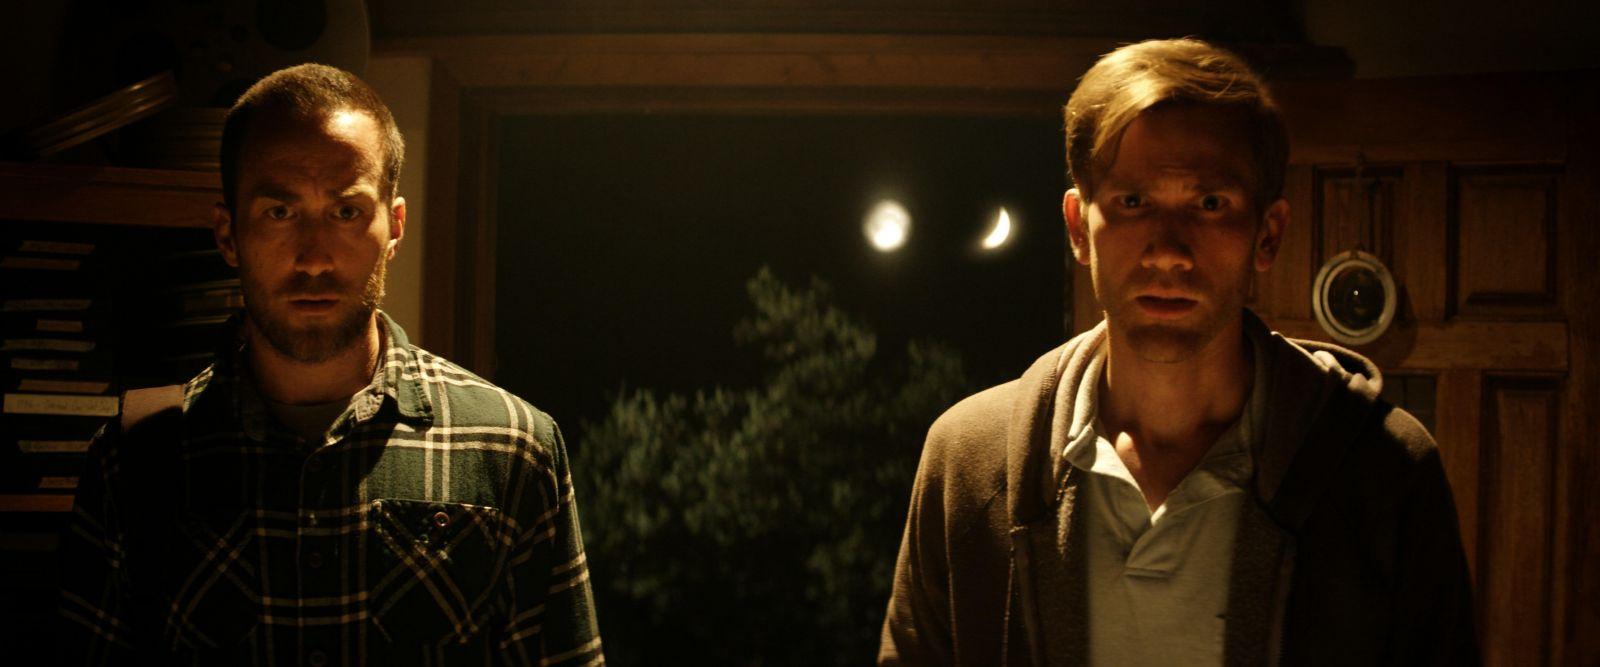 Кадр из фильма «Паранормальное»